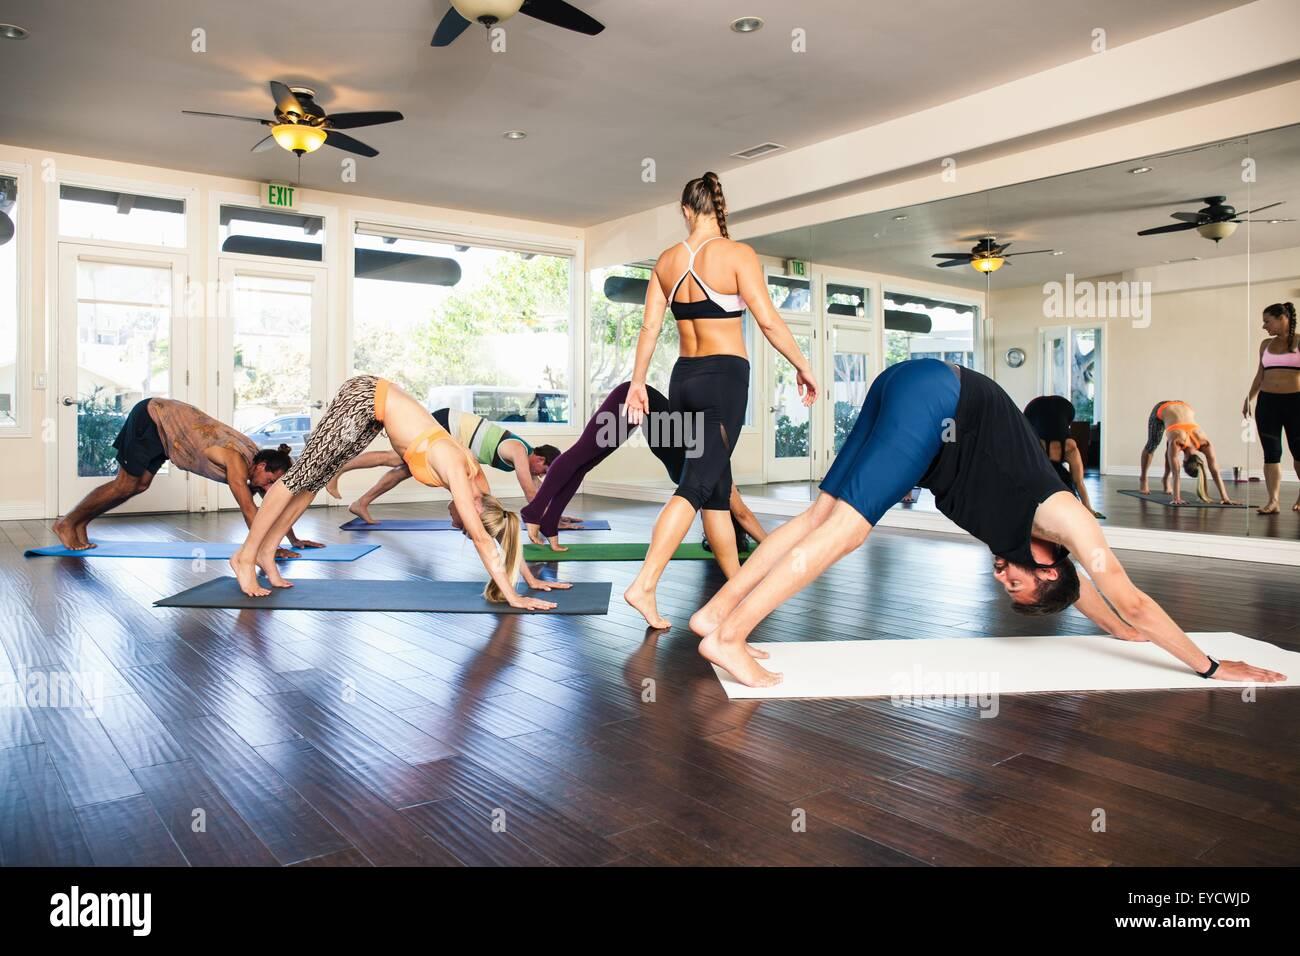 Instructor de Yoga en clase con personas en posición de perro boca abajo Imagen De Stock